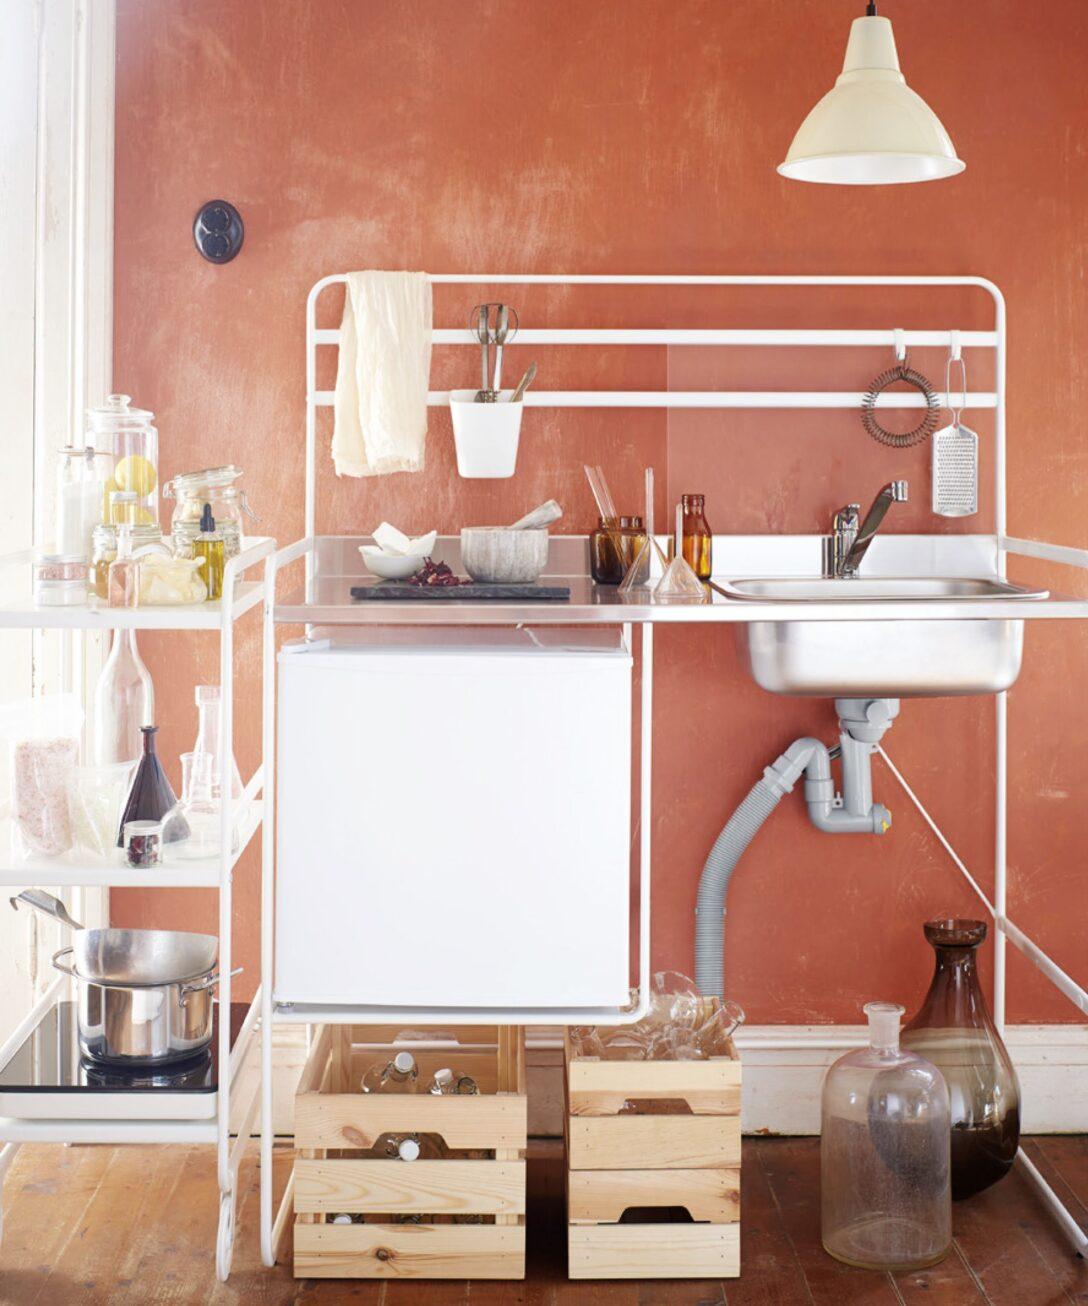 Large Size of Single Küche Ikea Get An Entire Mini Kitchen For Just 112 Minikche Fliesenspiegel Arbeitsplatte Einrichten Kaufen Günstig Edelstahlküche Fettabscheider Wohnzimmer Single Küche Ikea